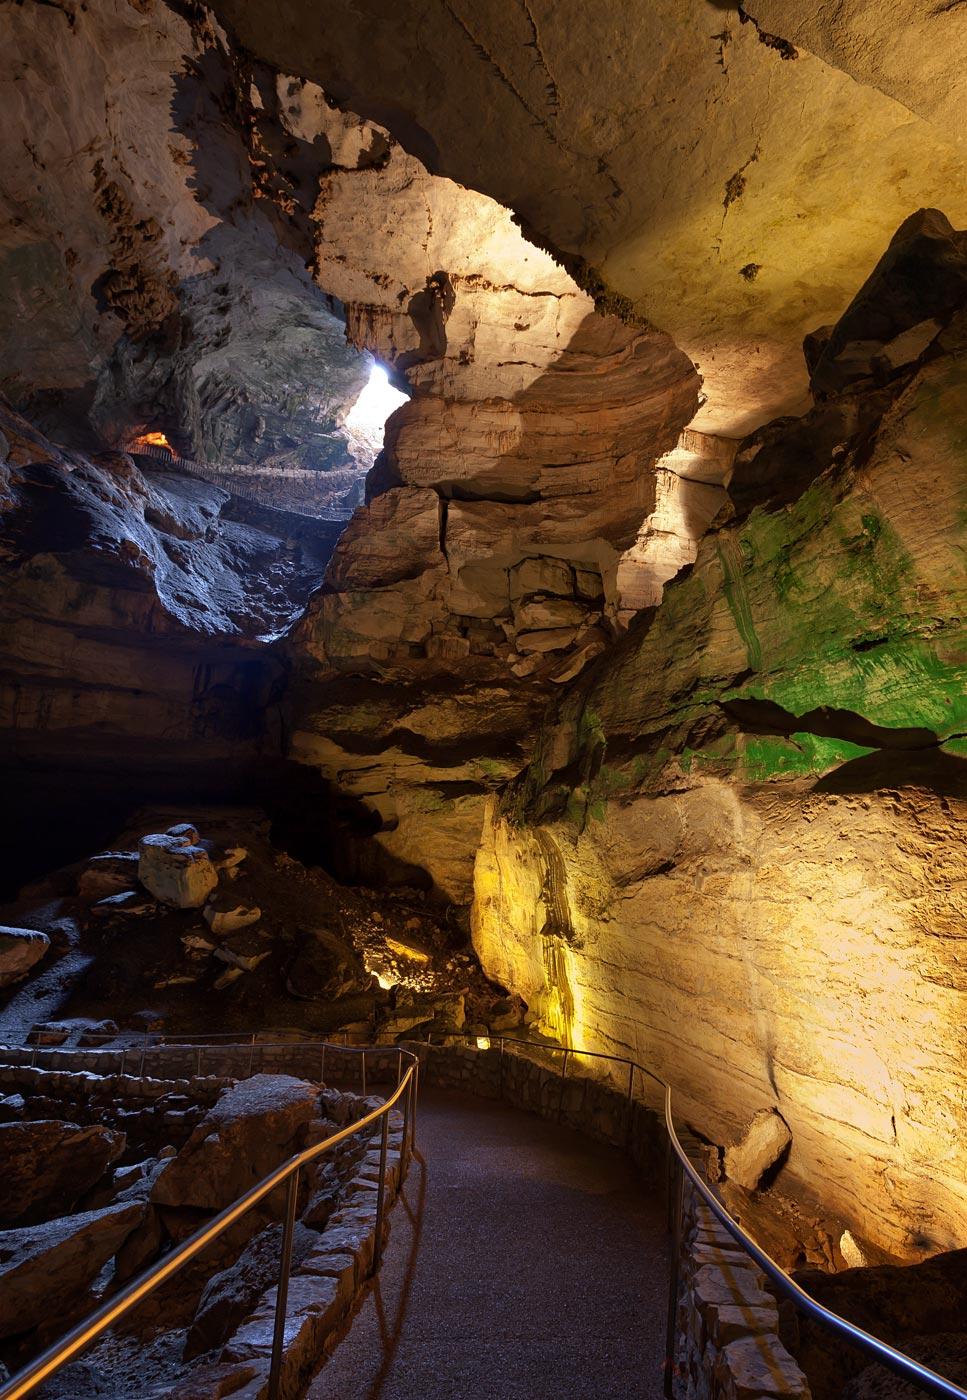 Carlsbad-Caverns-National-Park-ABP-Natural-Entrance_interior.jpg